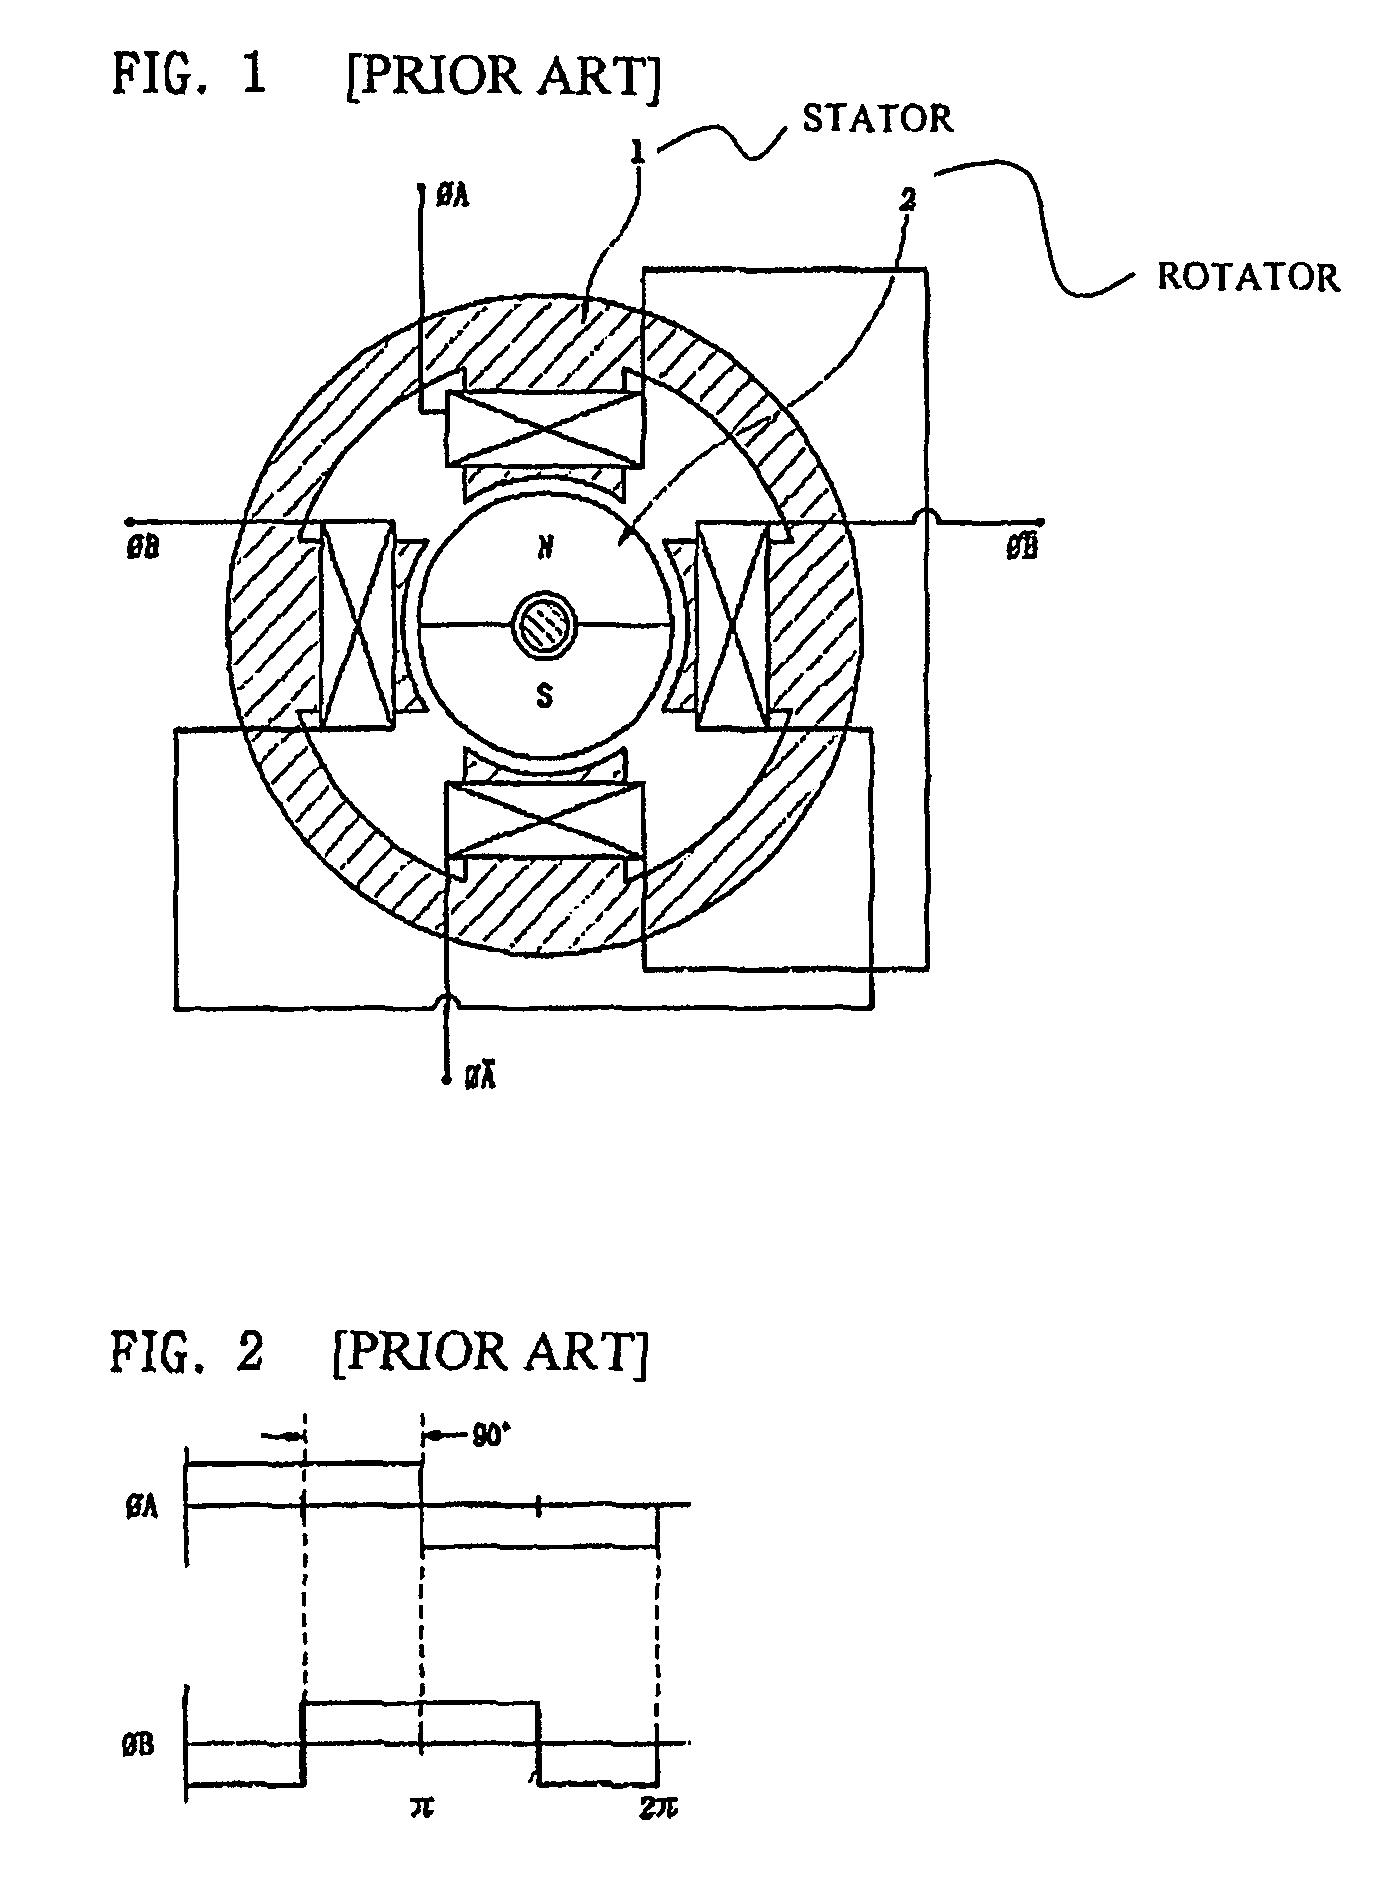 brushless motor wiring diagram 1972 toyota land cruiser fj40 patent us8004141 two phase dc google